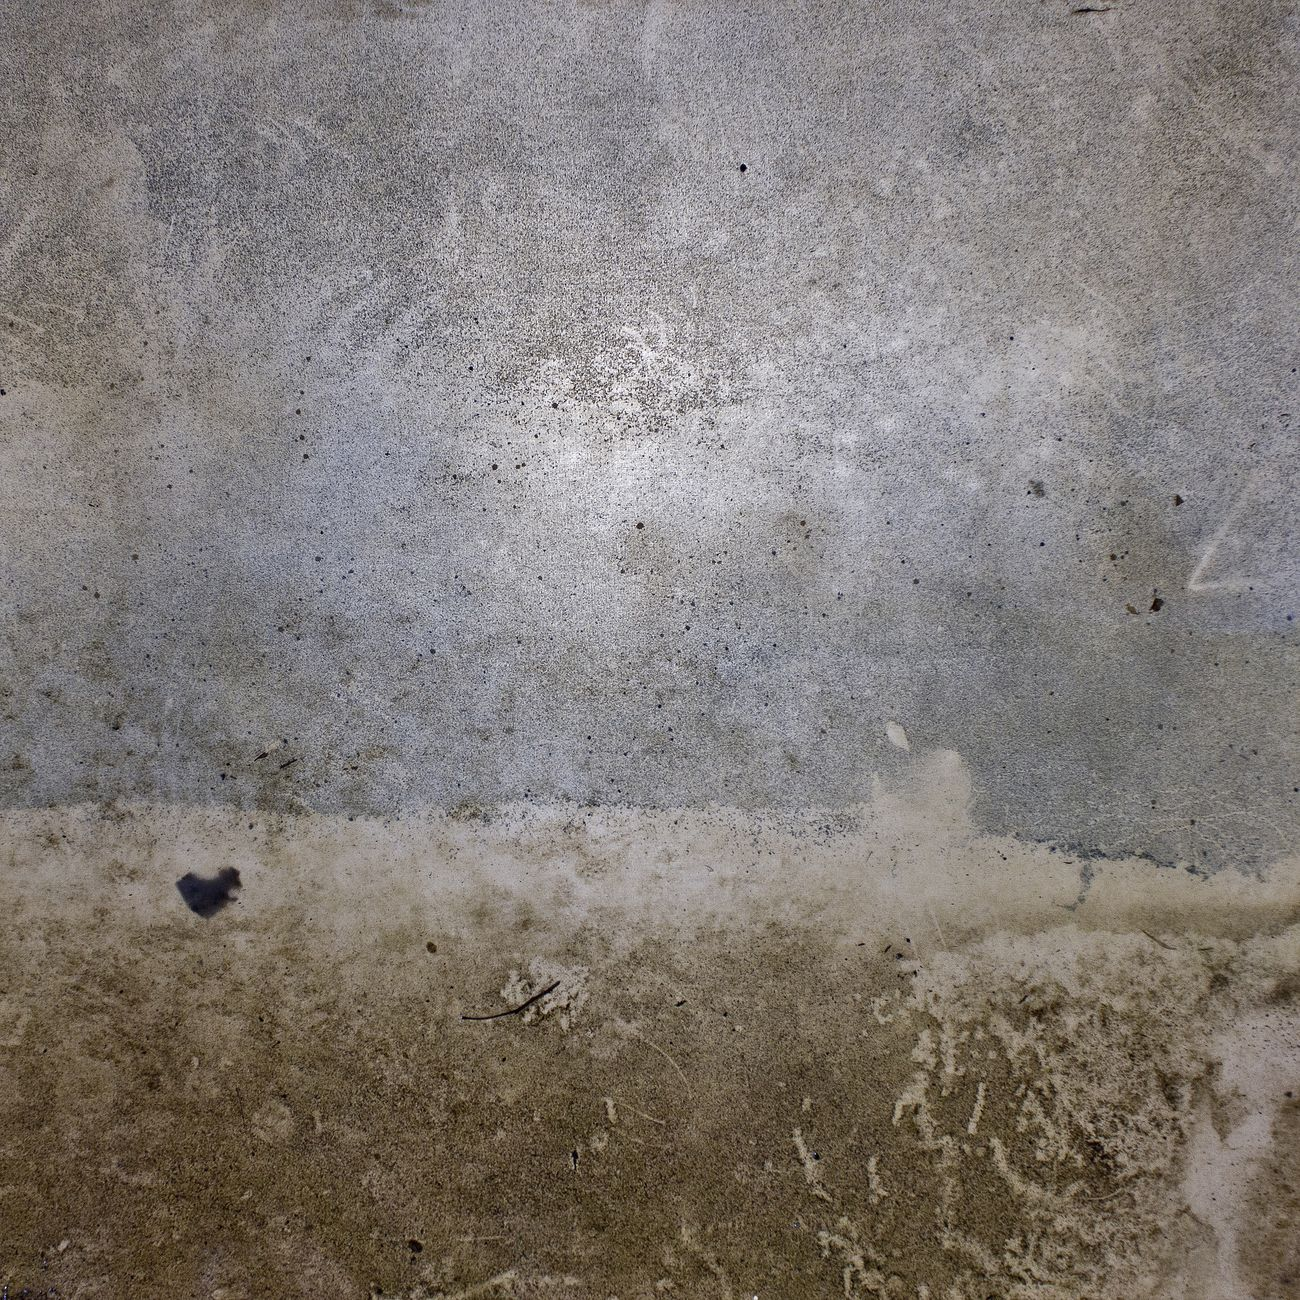 Roberto Ghezzi, Naturografia, spazio 43262121N, 12076073E, tempo 16.03 05.04.2016